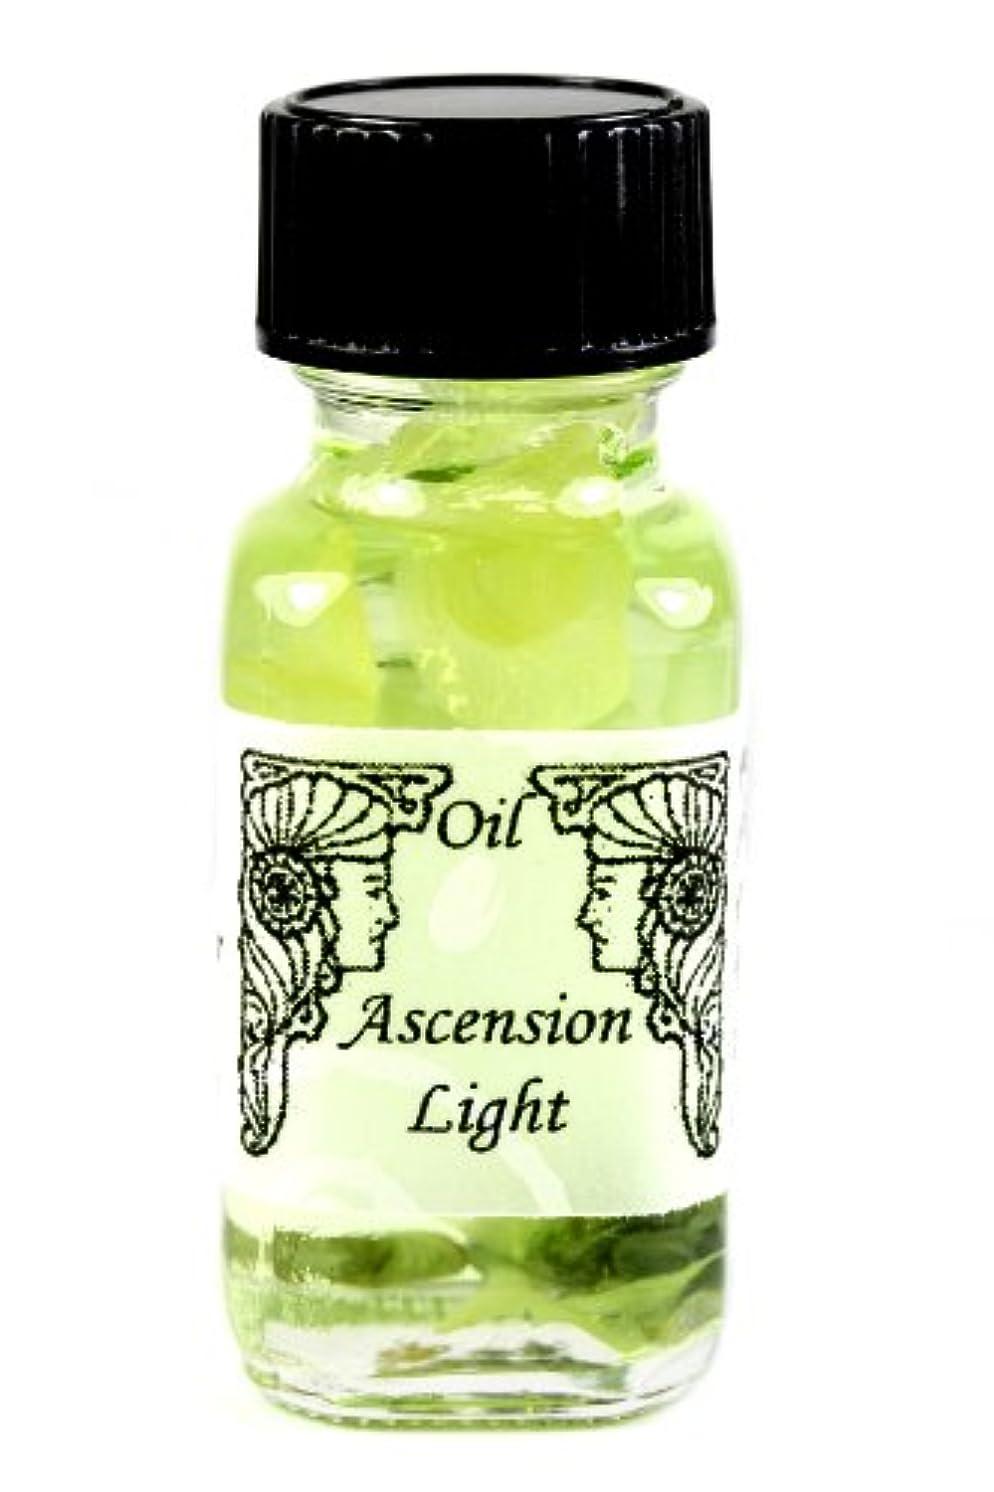 ブラウス過剰天のアンシェントメモリーオイル Ascension Light アセンション?ライト 【アセンションの光】(2014年新作)